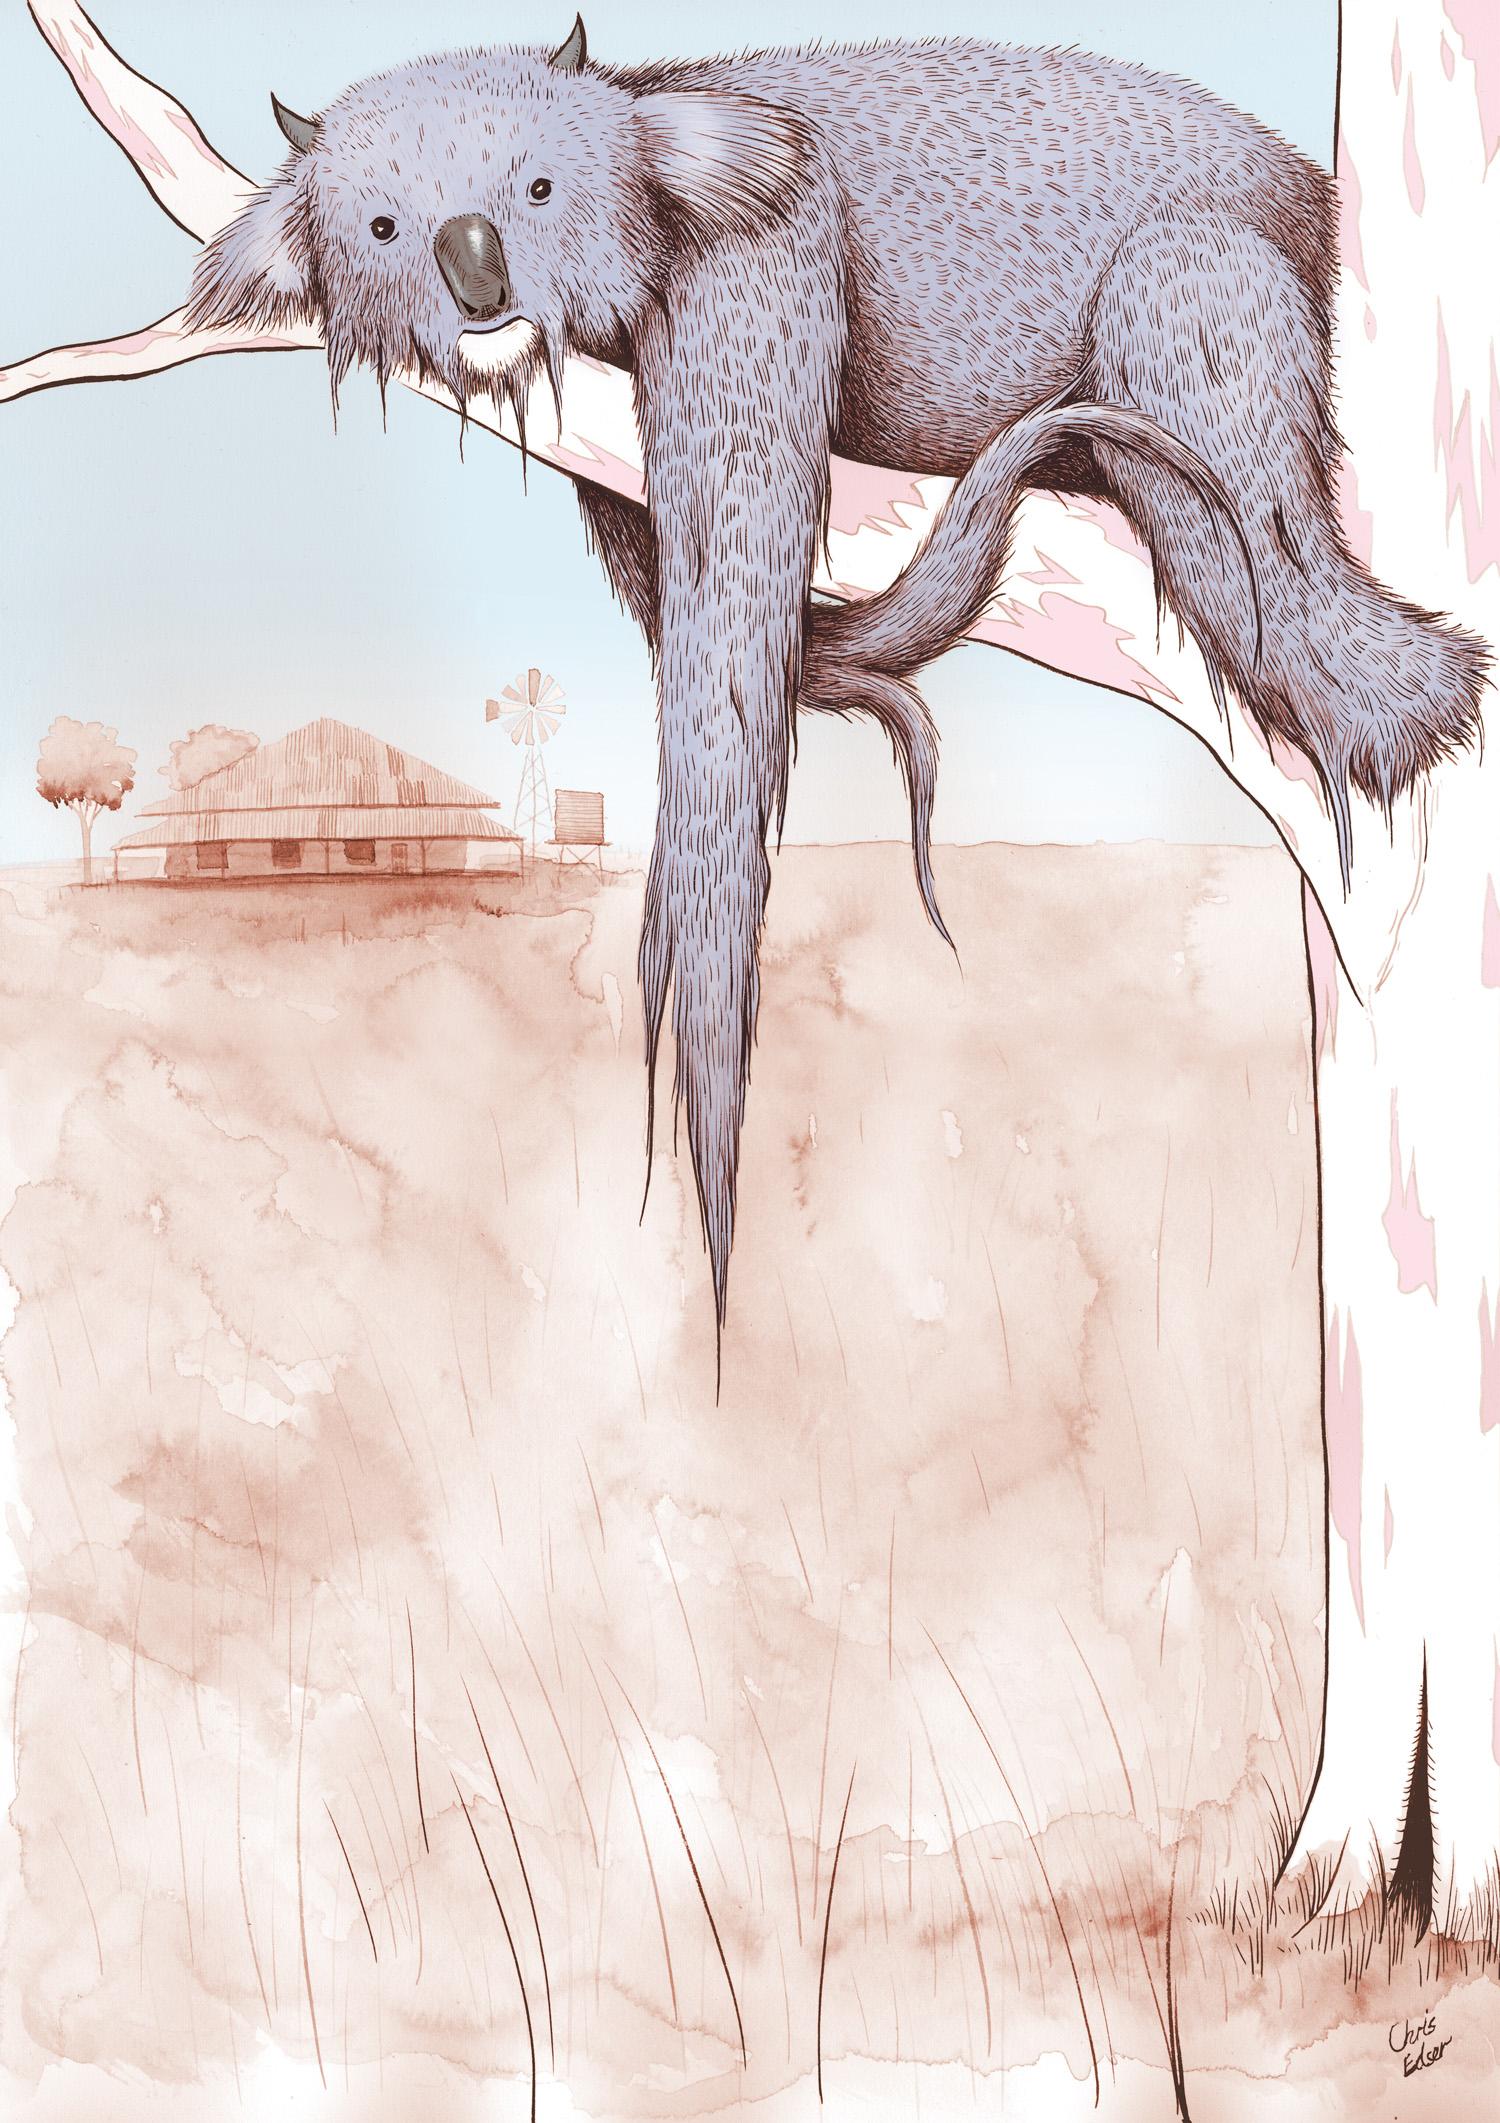 dropbear-koala-tree-01.jpg